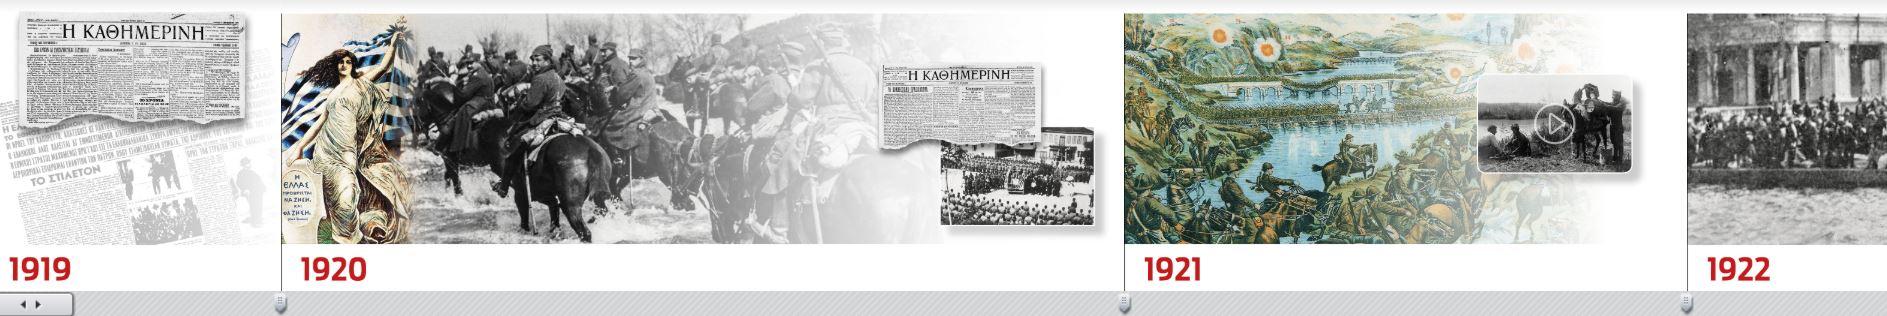 100-chronia-kathimerini-christikes-plirofories-gia-tin-periigisi-sas-sto-chronologio1